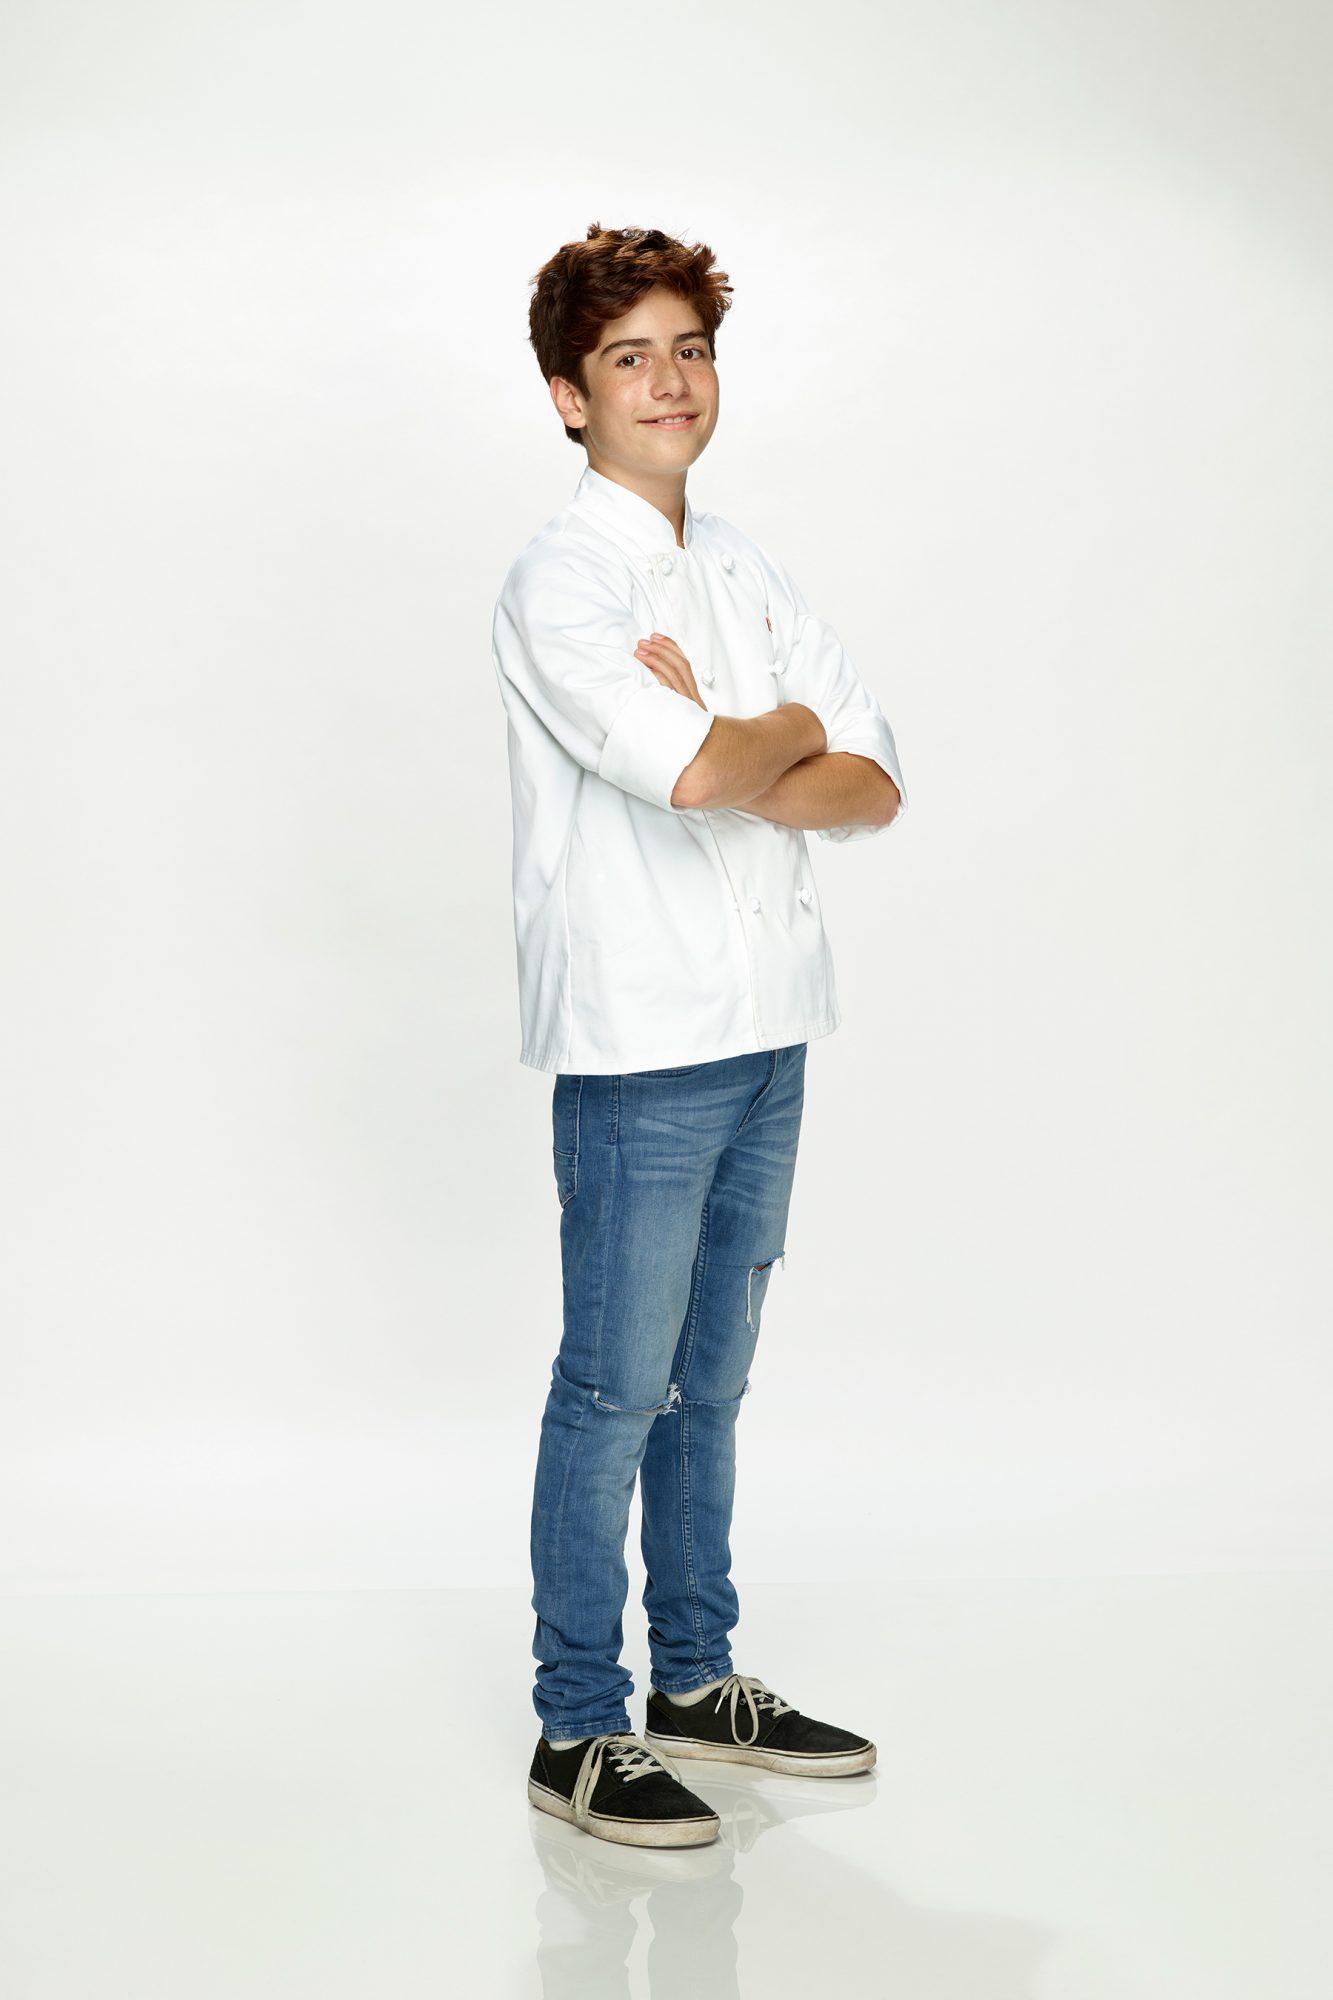 Top Chef Junior - Season 1